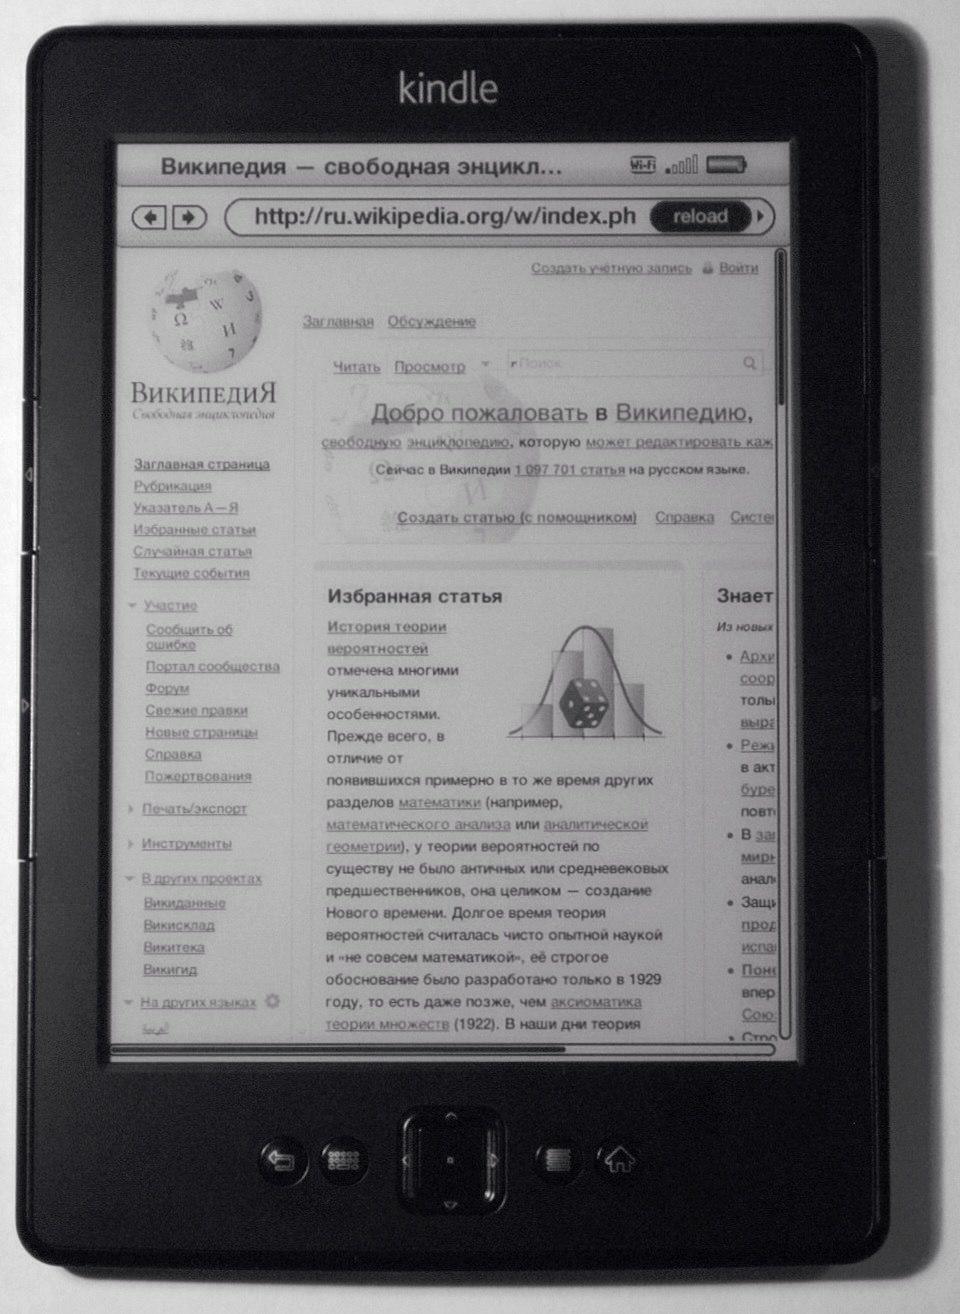 Amazon Kindle5